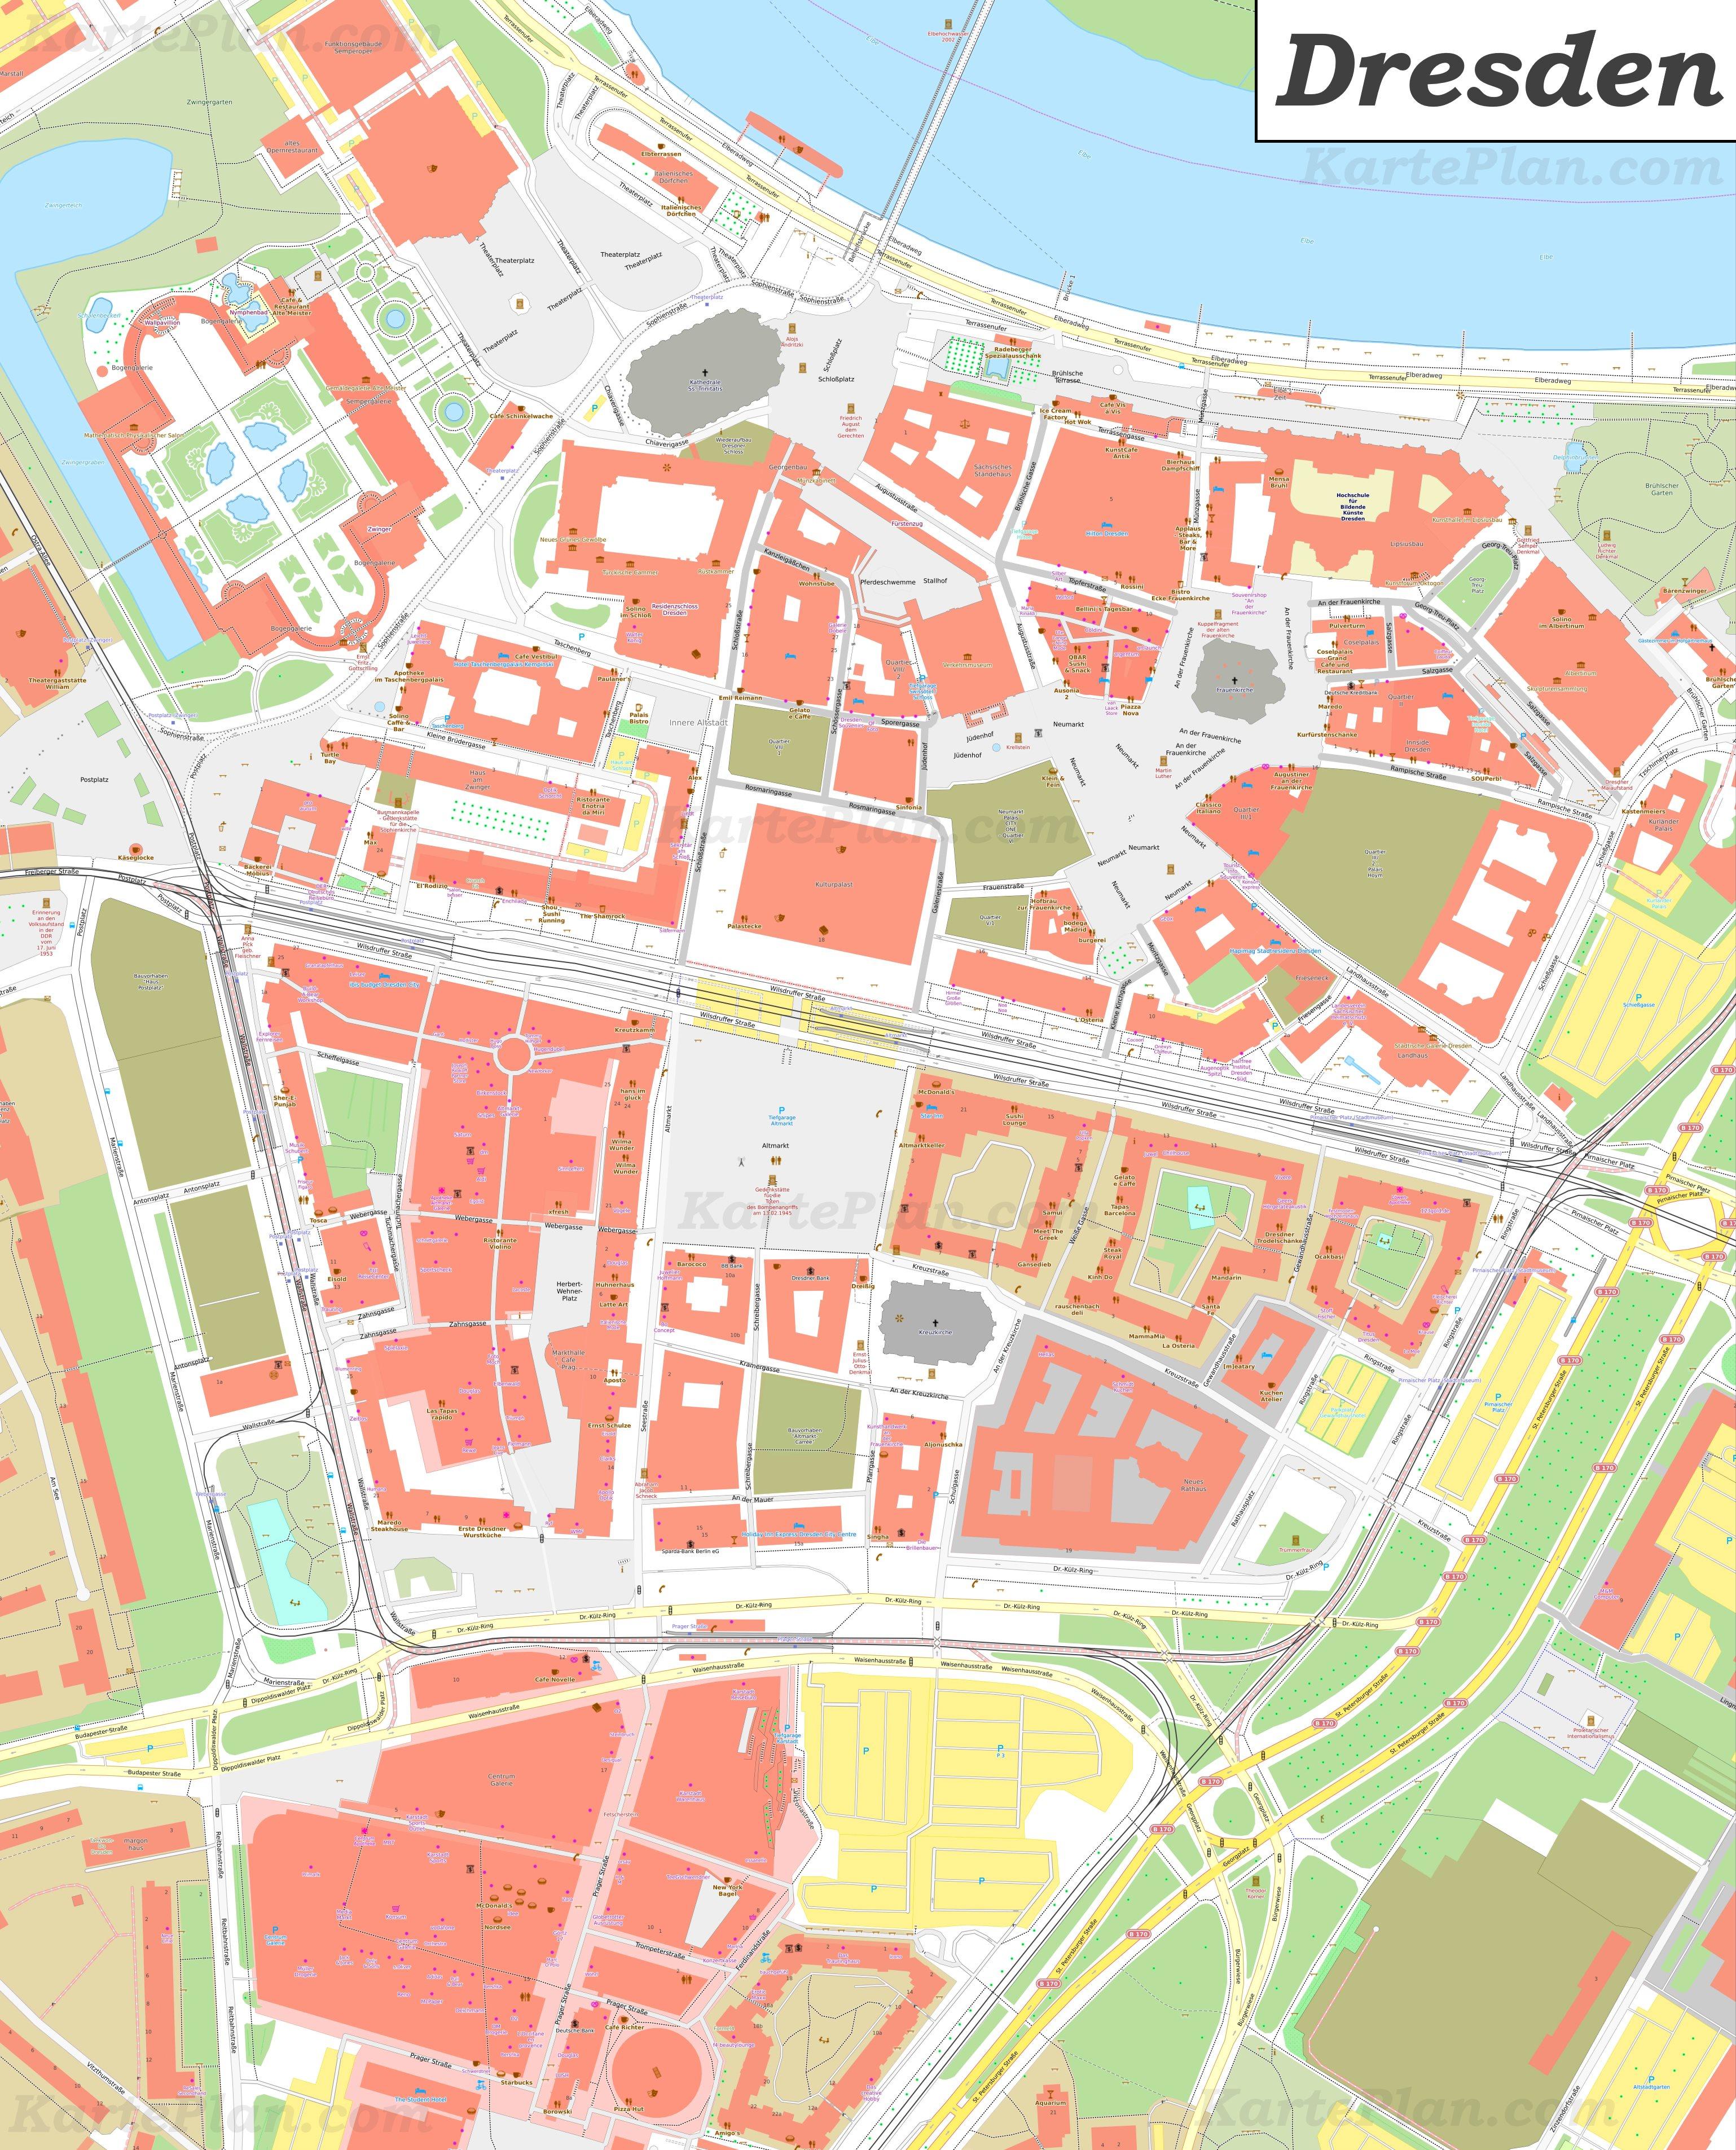 karte dresden altstadt Karte von Dresdens Altstadt